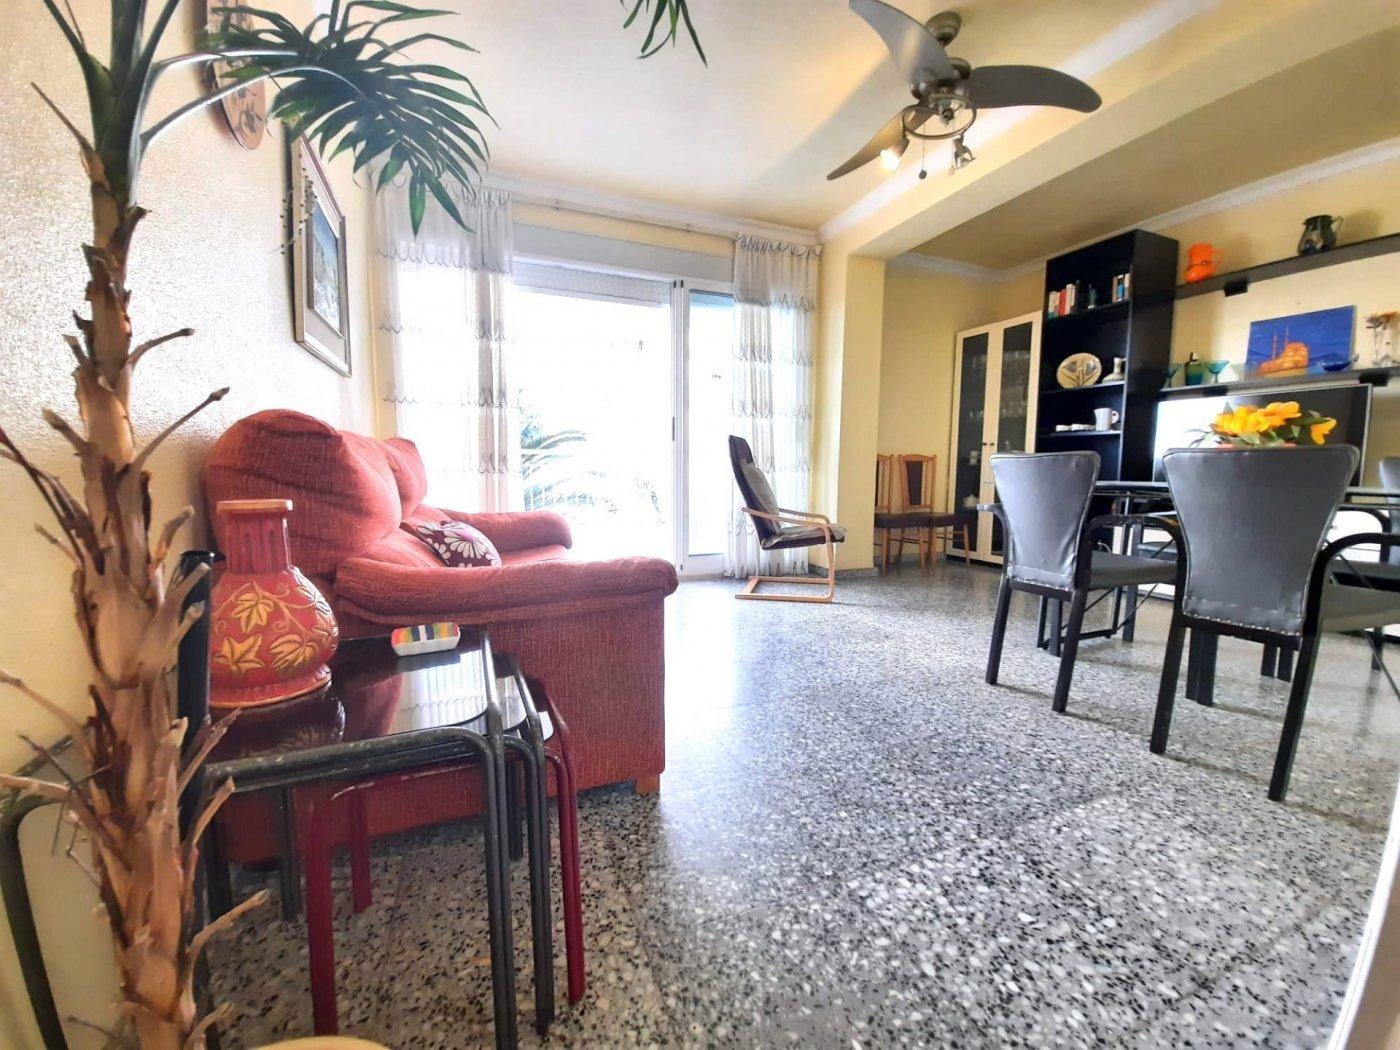 Apartamento en 1º línea de playa - imagenInmueble8